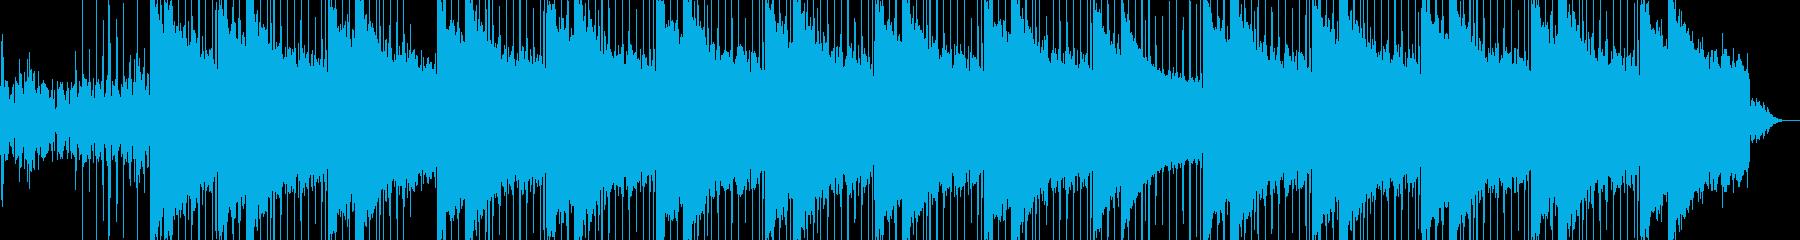 力強いイメージの楽曲の再生済みの波形